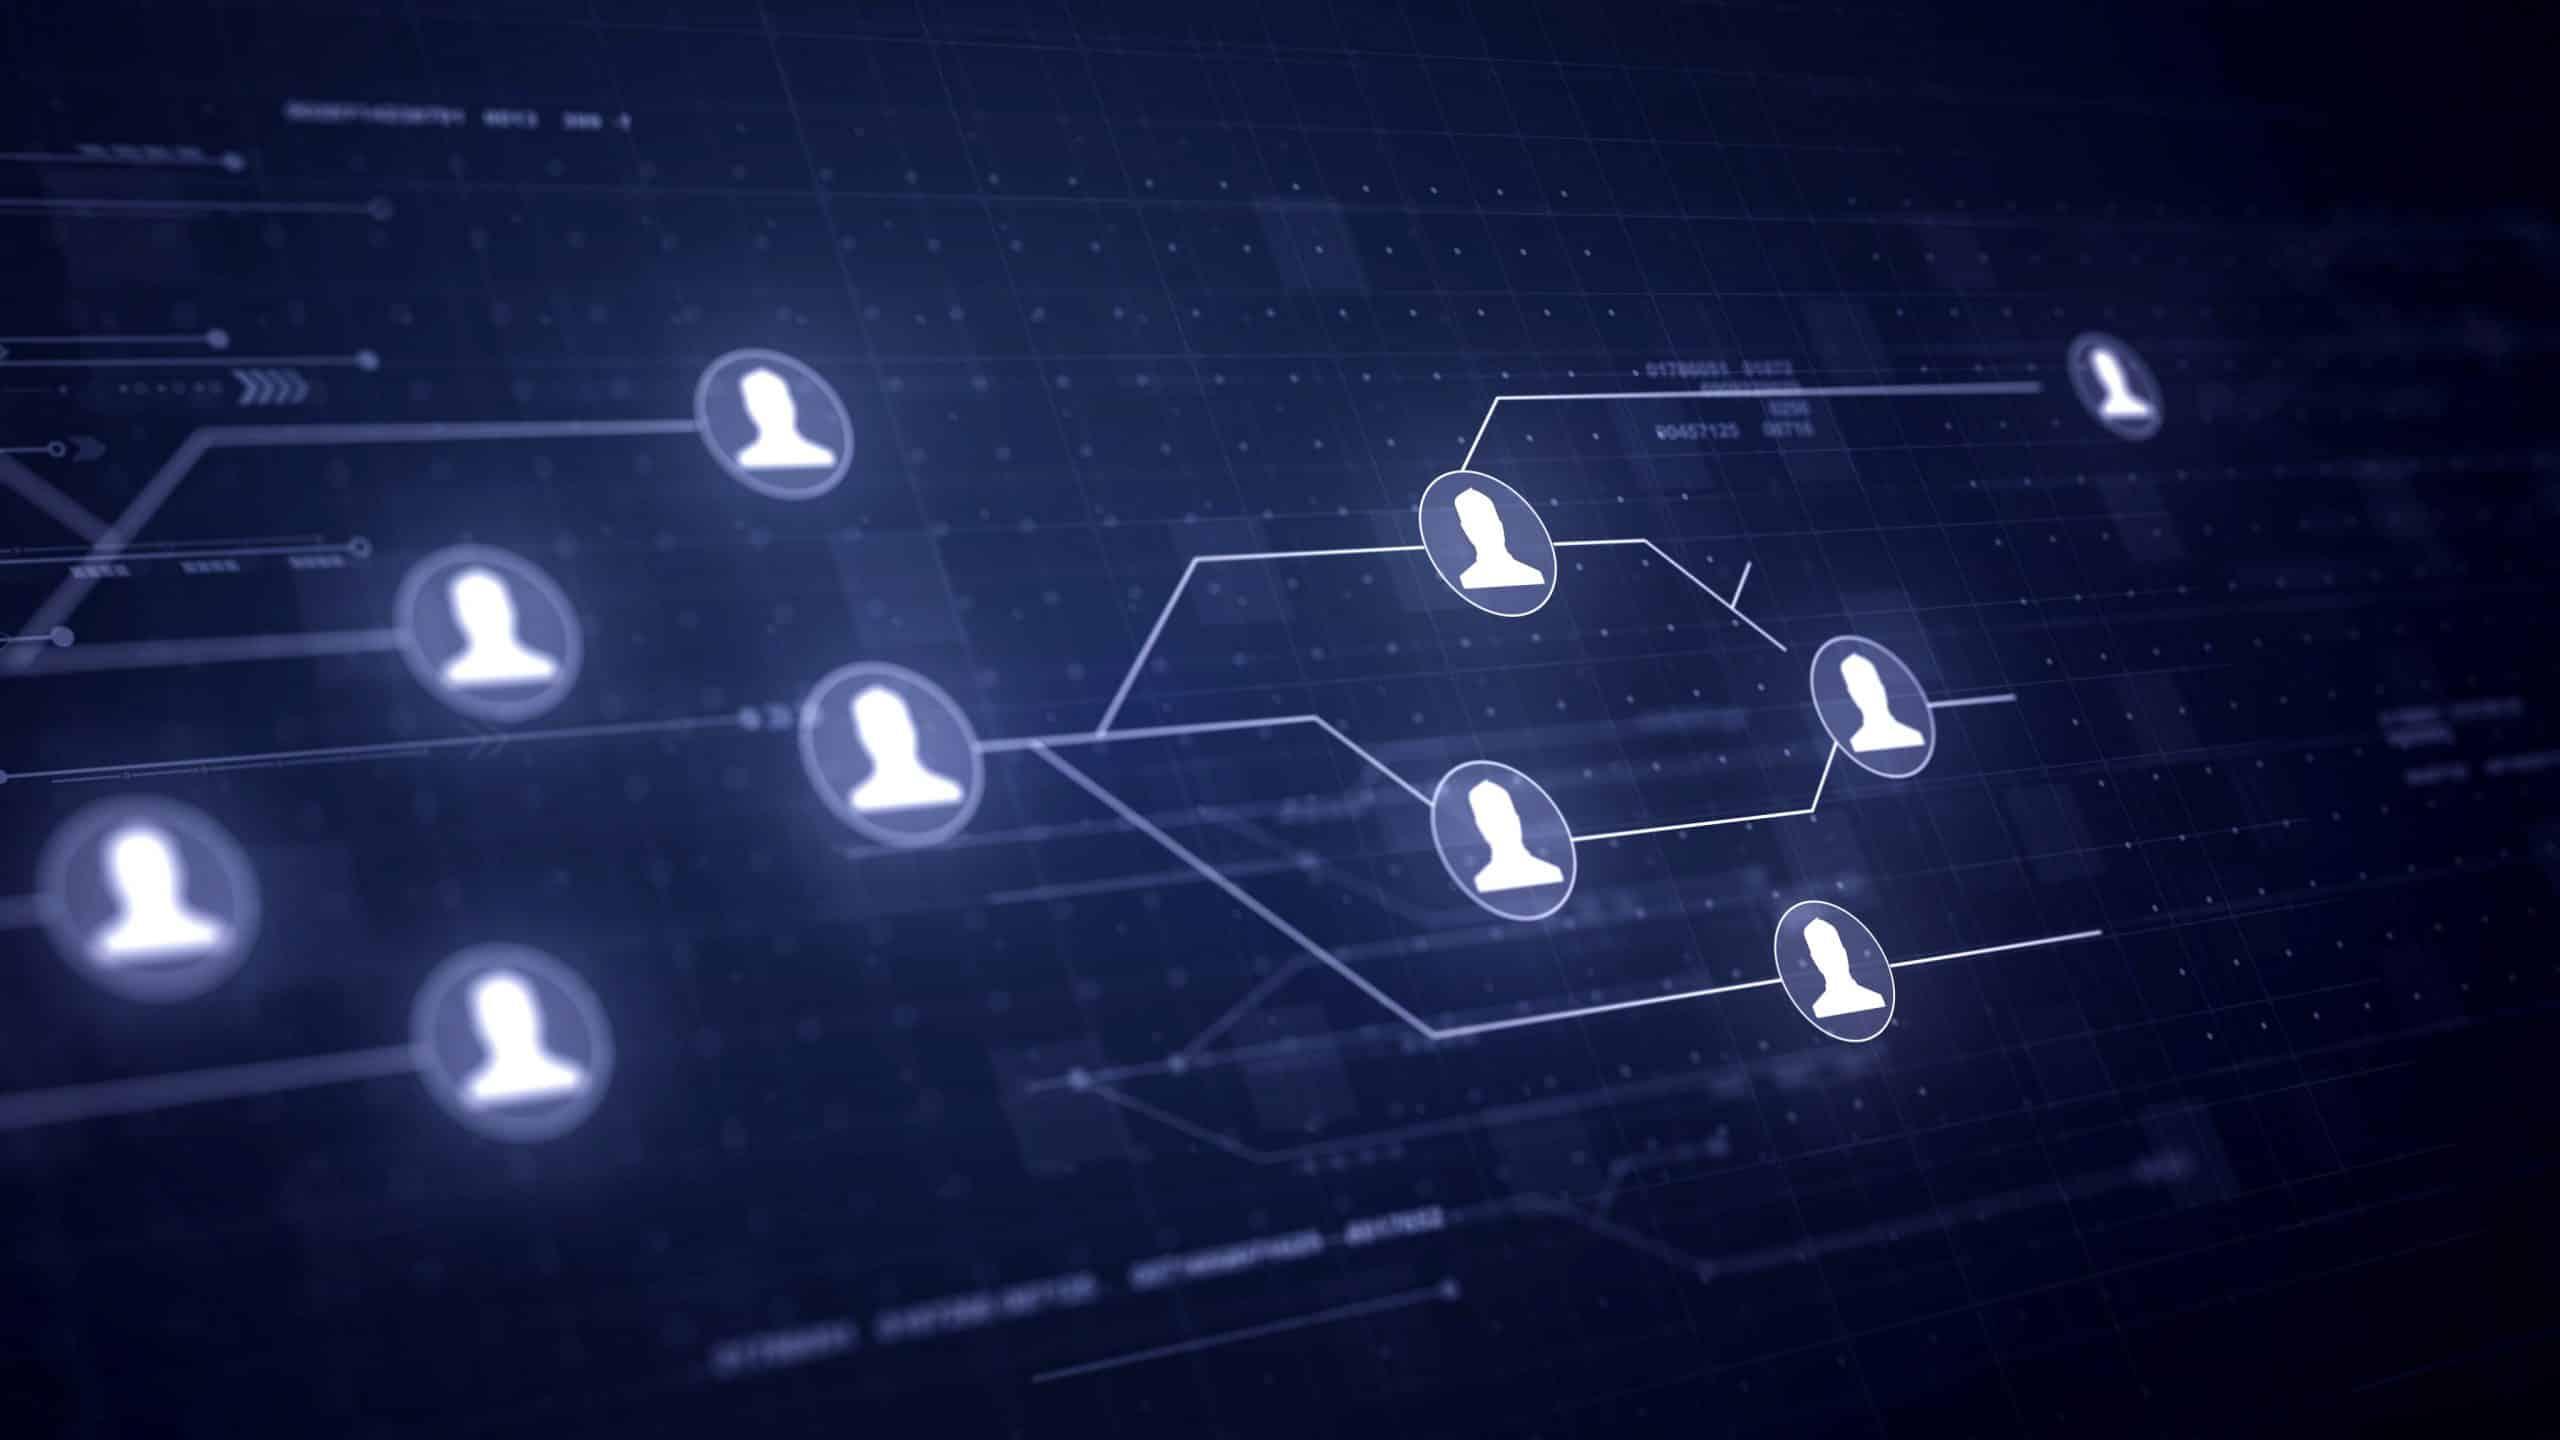 sincronicità, evento sincronico, collegamenti, unione fra le persone, collegamenti mentali